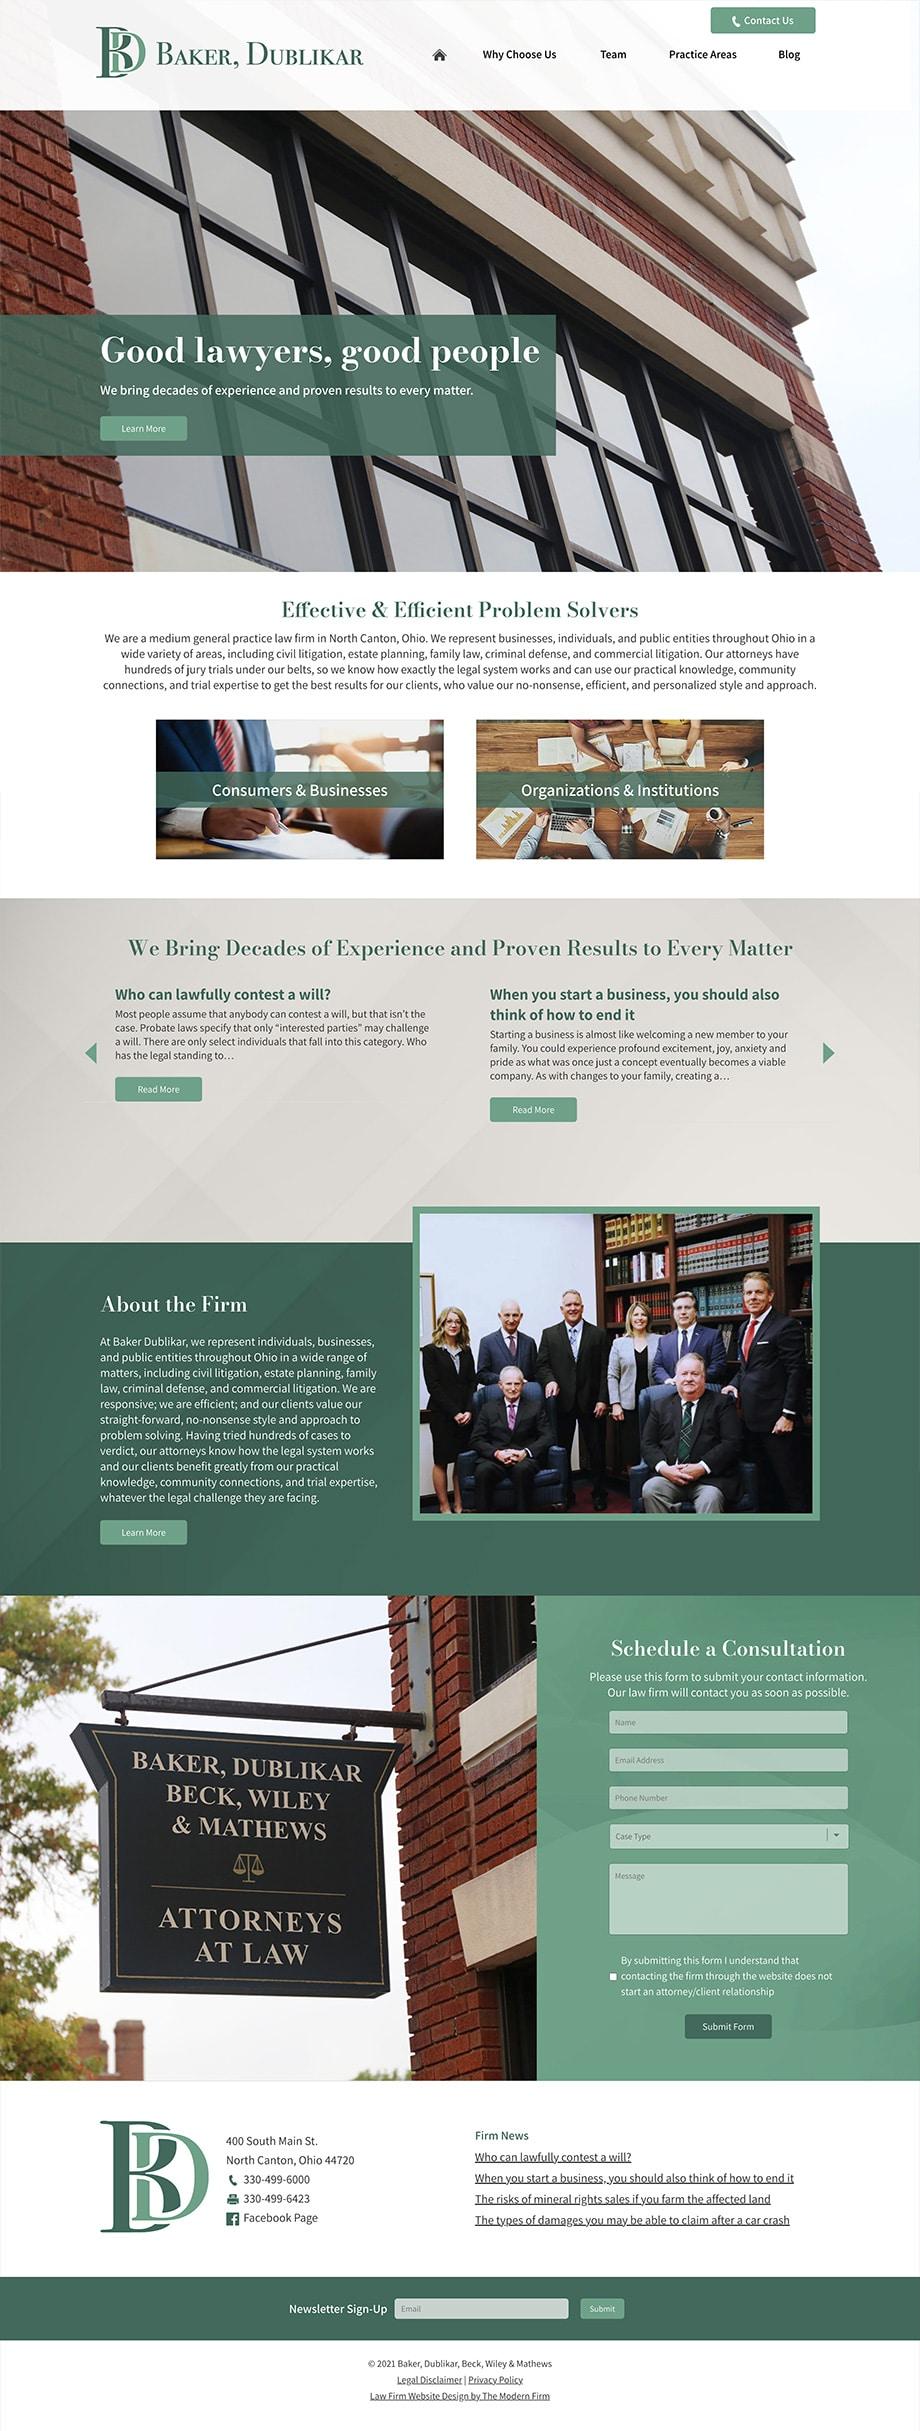 Law Firm Website Design for Baker, Dublikar, Beck, Wiley & Mathews